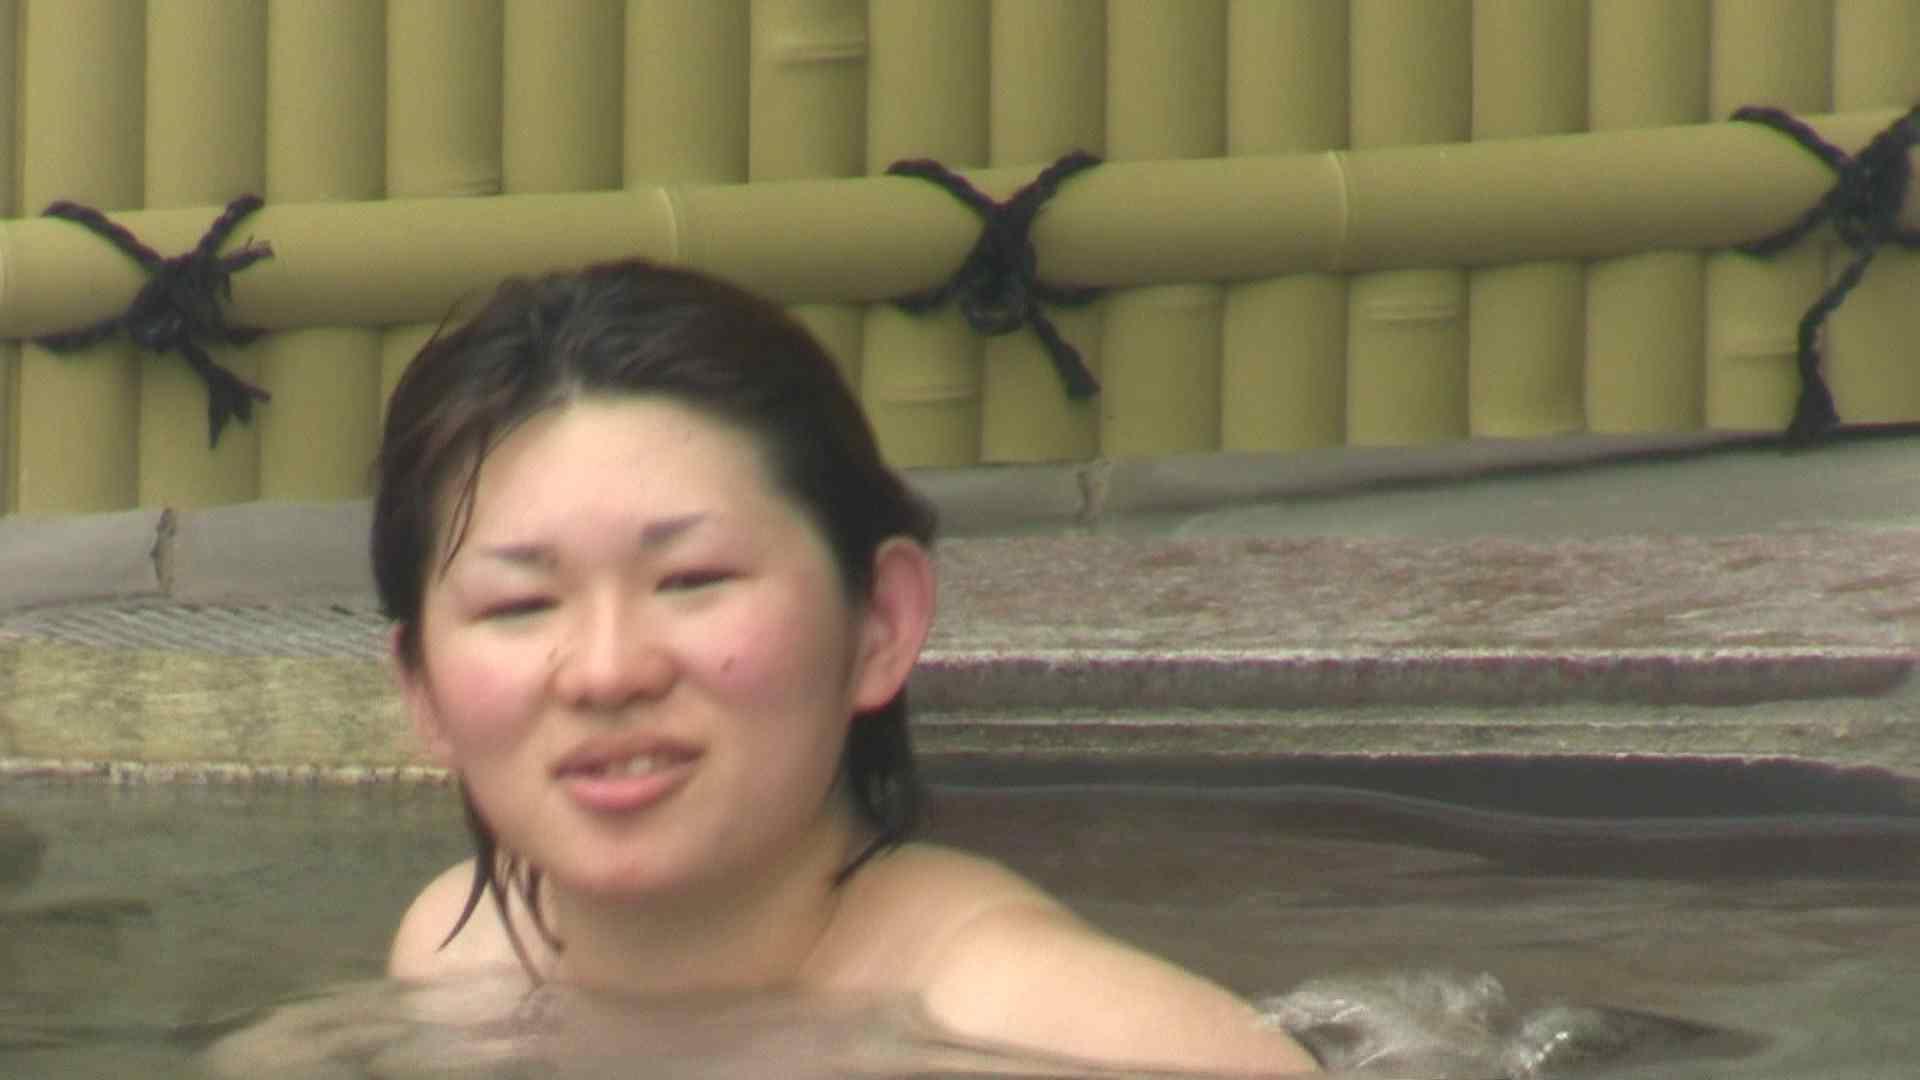 Aquaな露天風呂Vol.673 OLエロ画像 | 盗撮  104PICs 43